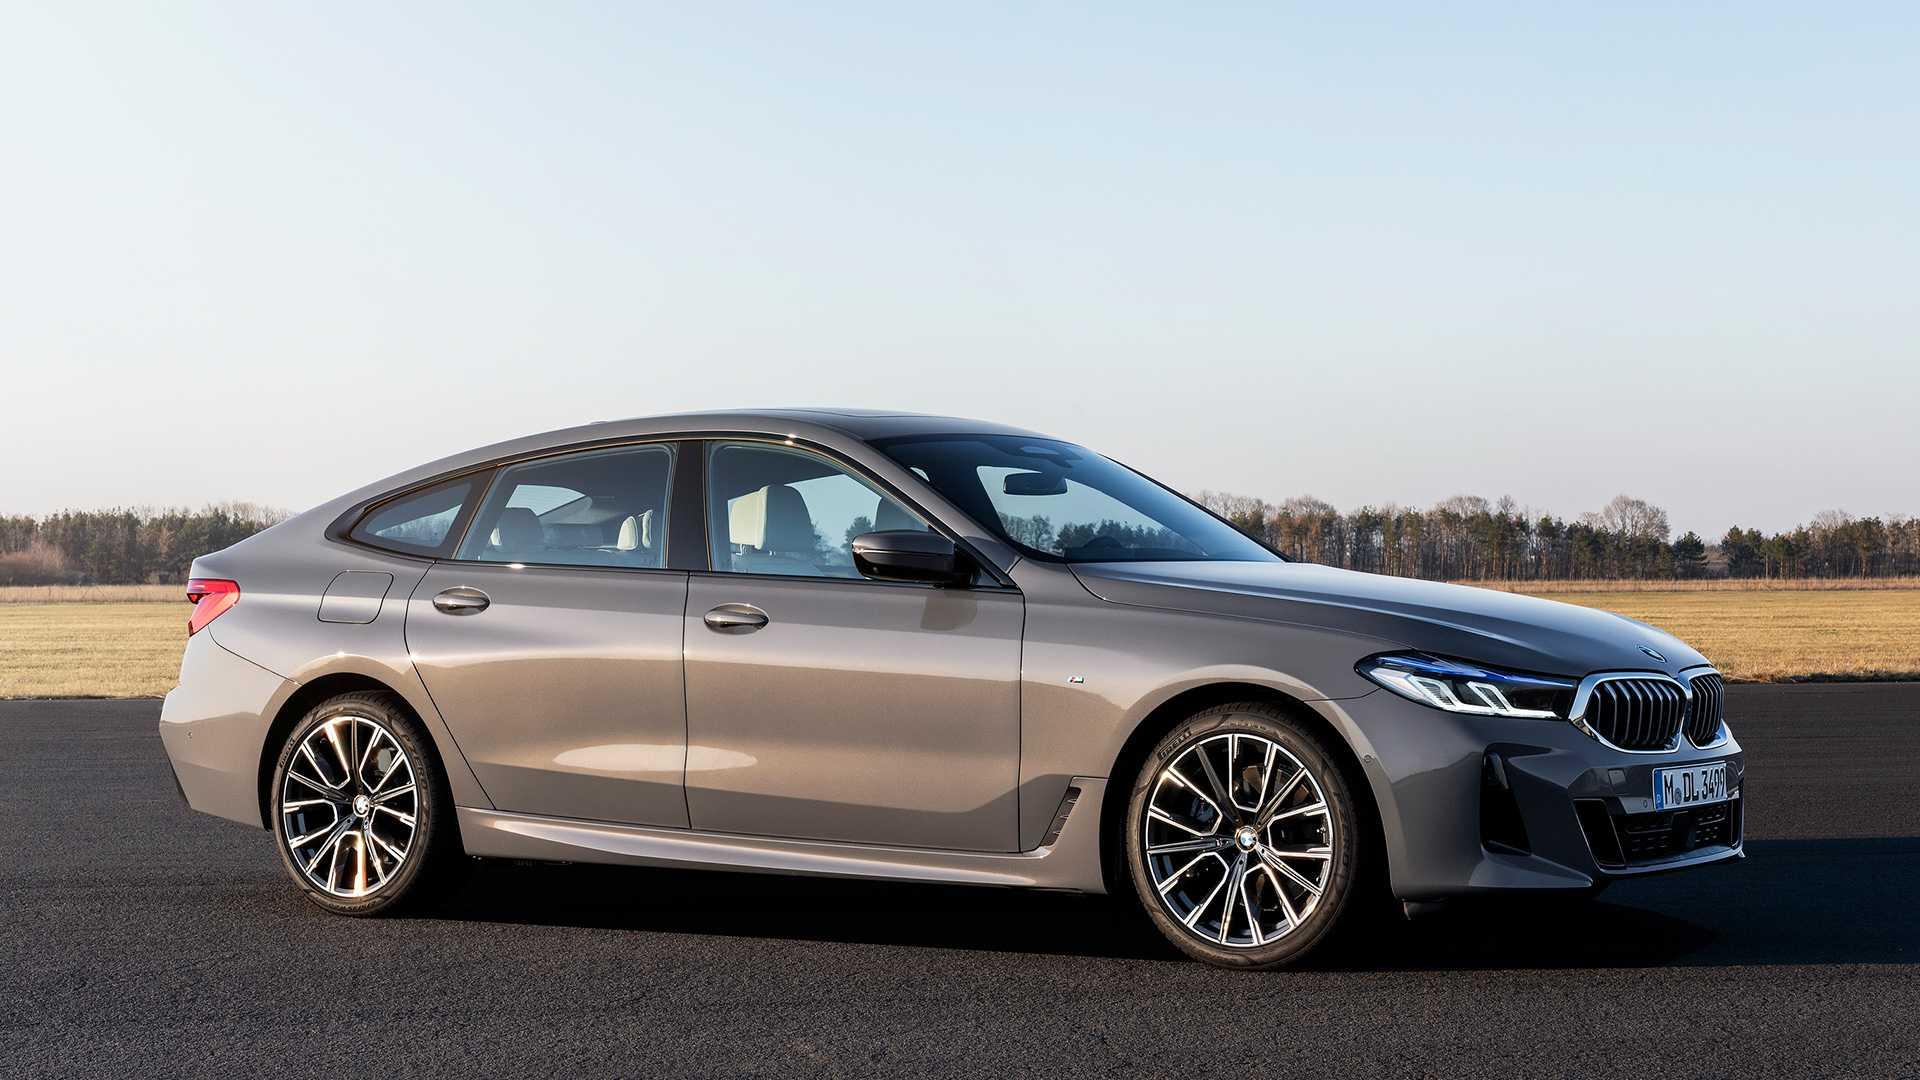 BMW serii 6 Gran Turismo 2021